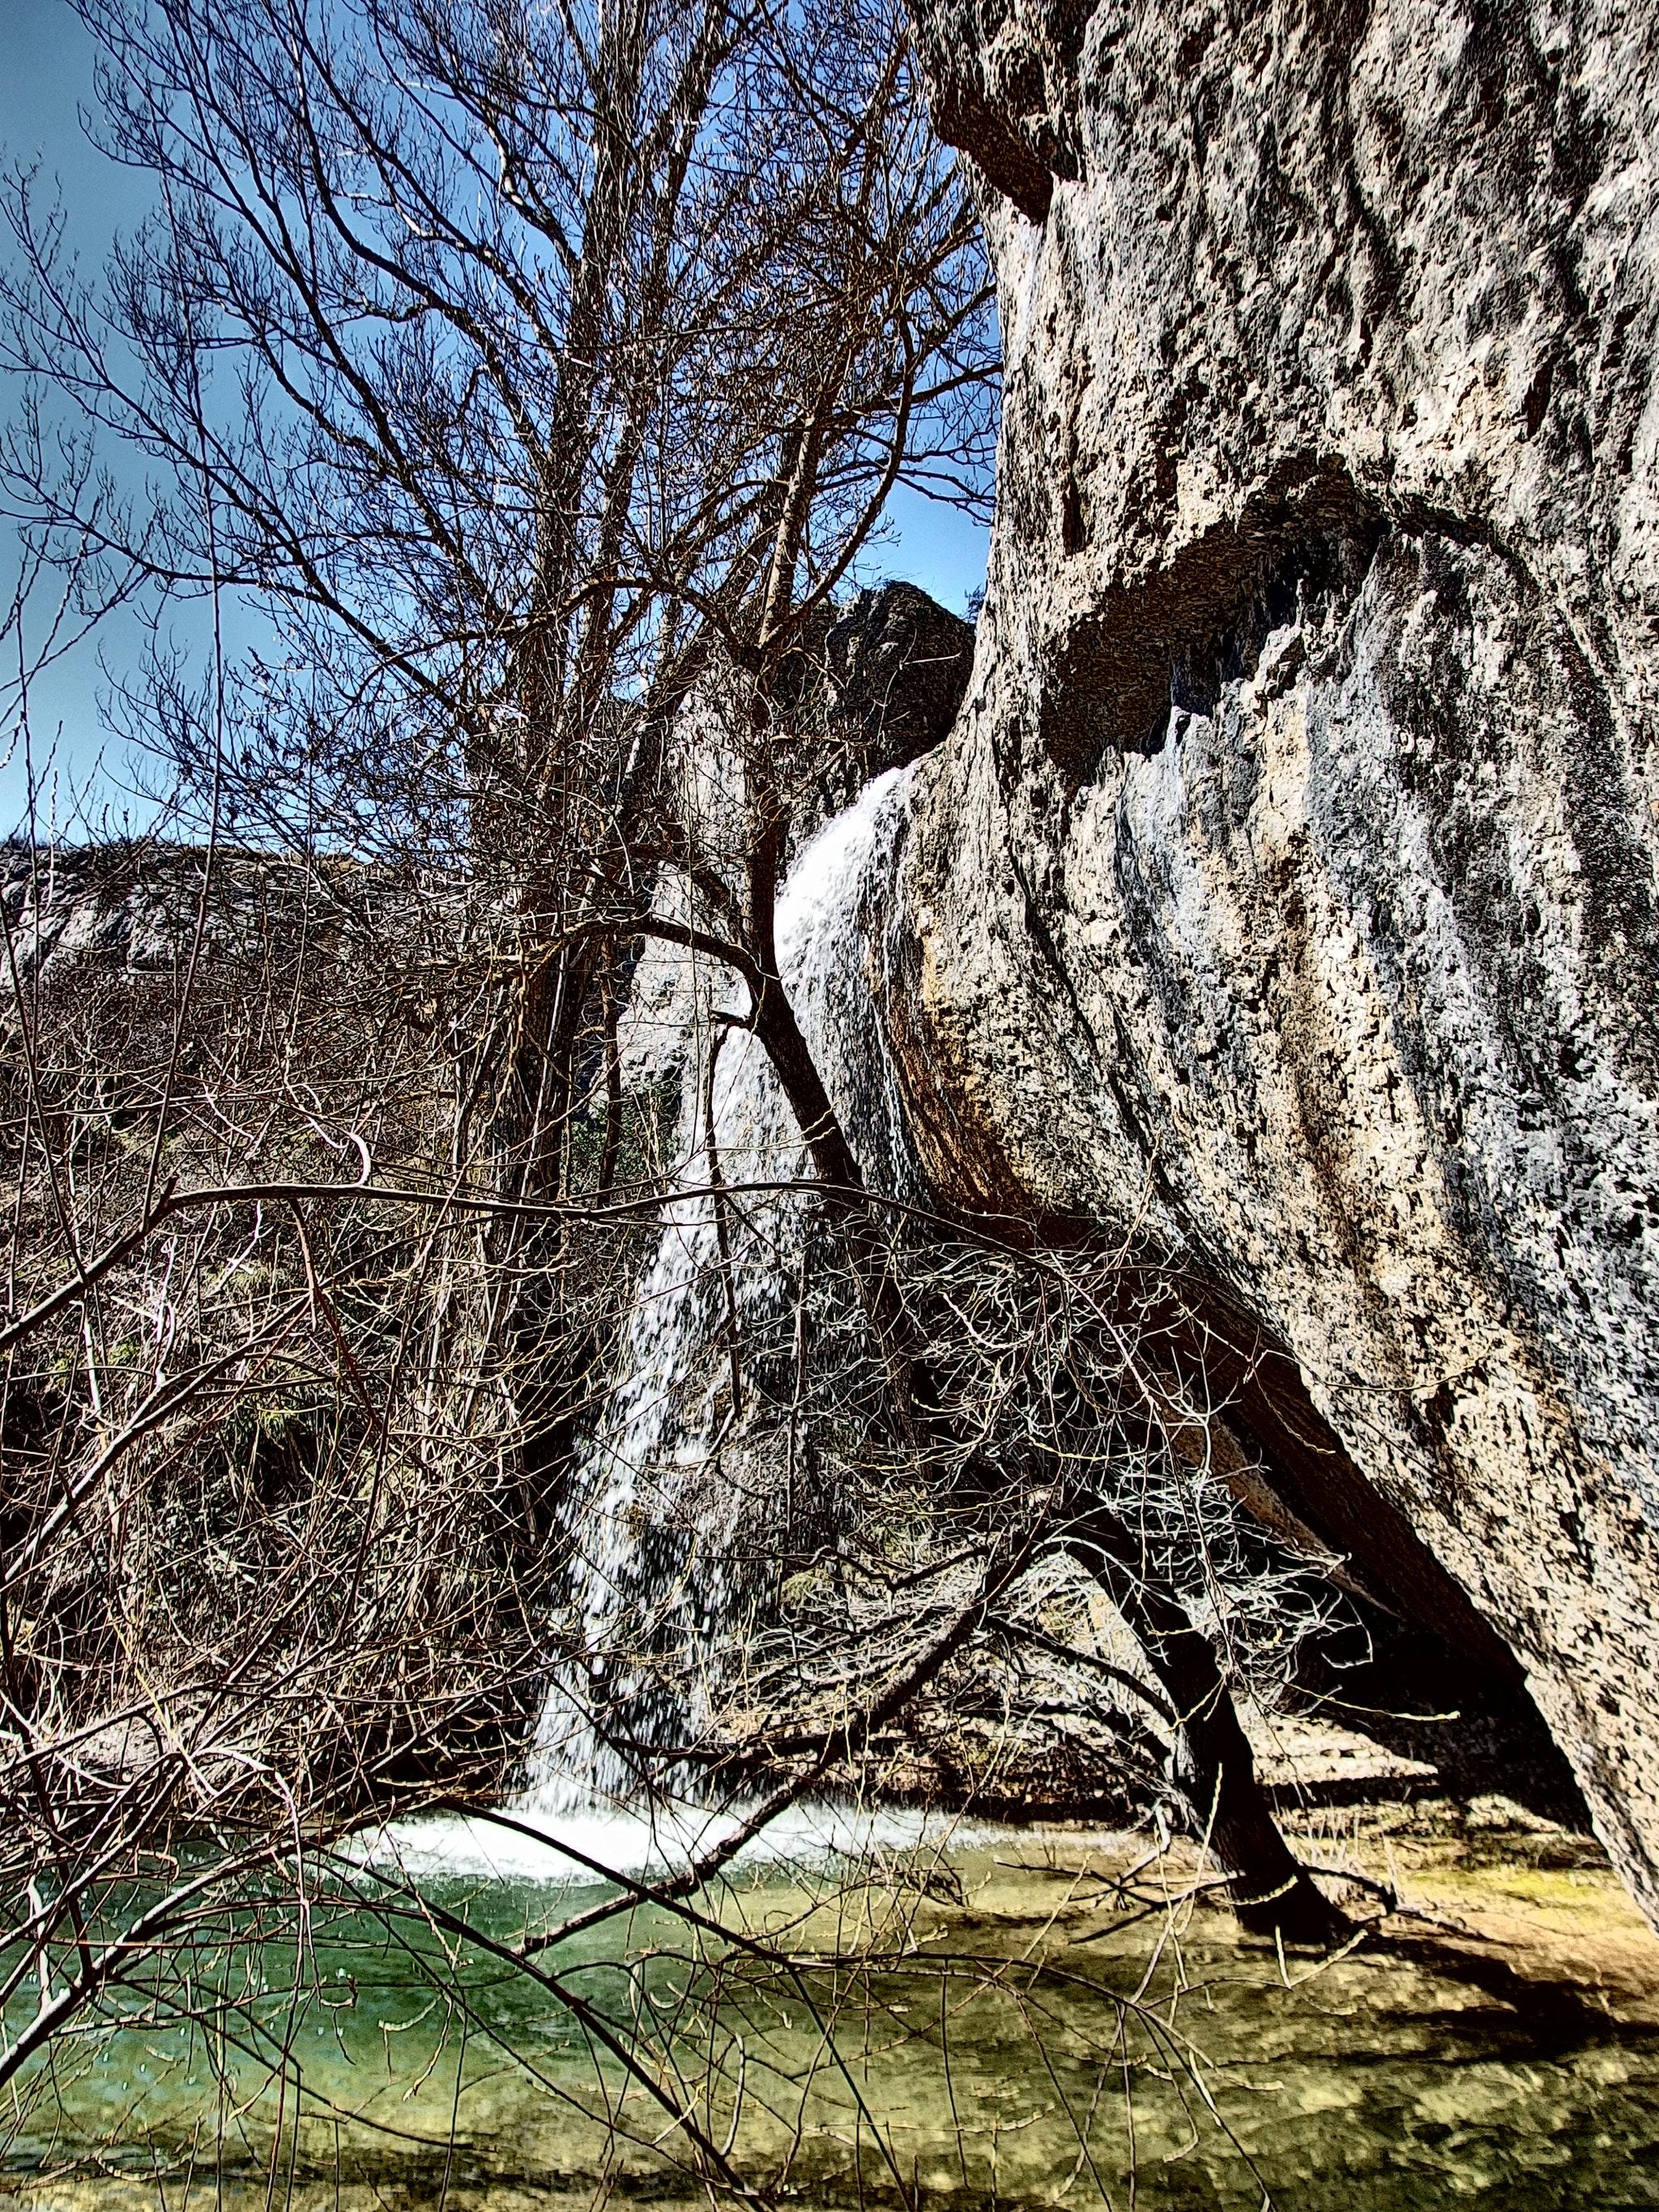 Ferienhaus Haus mit 5 Zimmern in Fuenteodra mit toller Aussicht auf die Berge, eingezäuntem Garten un (2211142), Fuenteodra, Burgos, Kastilien-León, Spanien, Bild 78